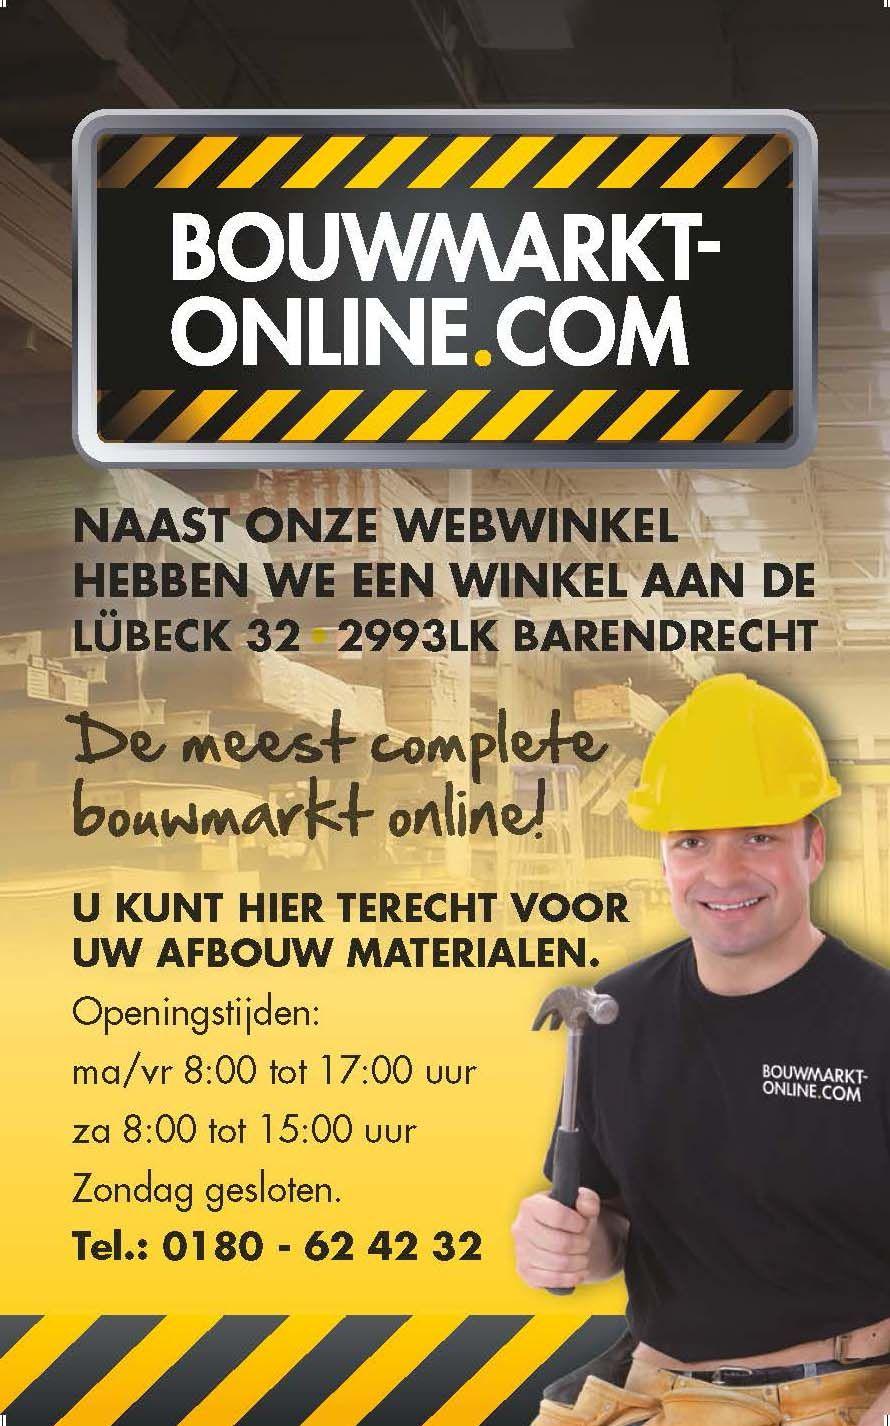 De meest complete bouwmarkt online!